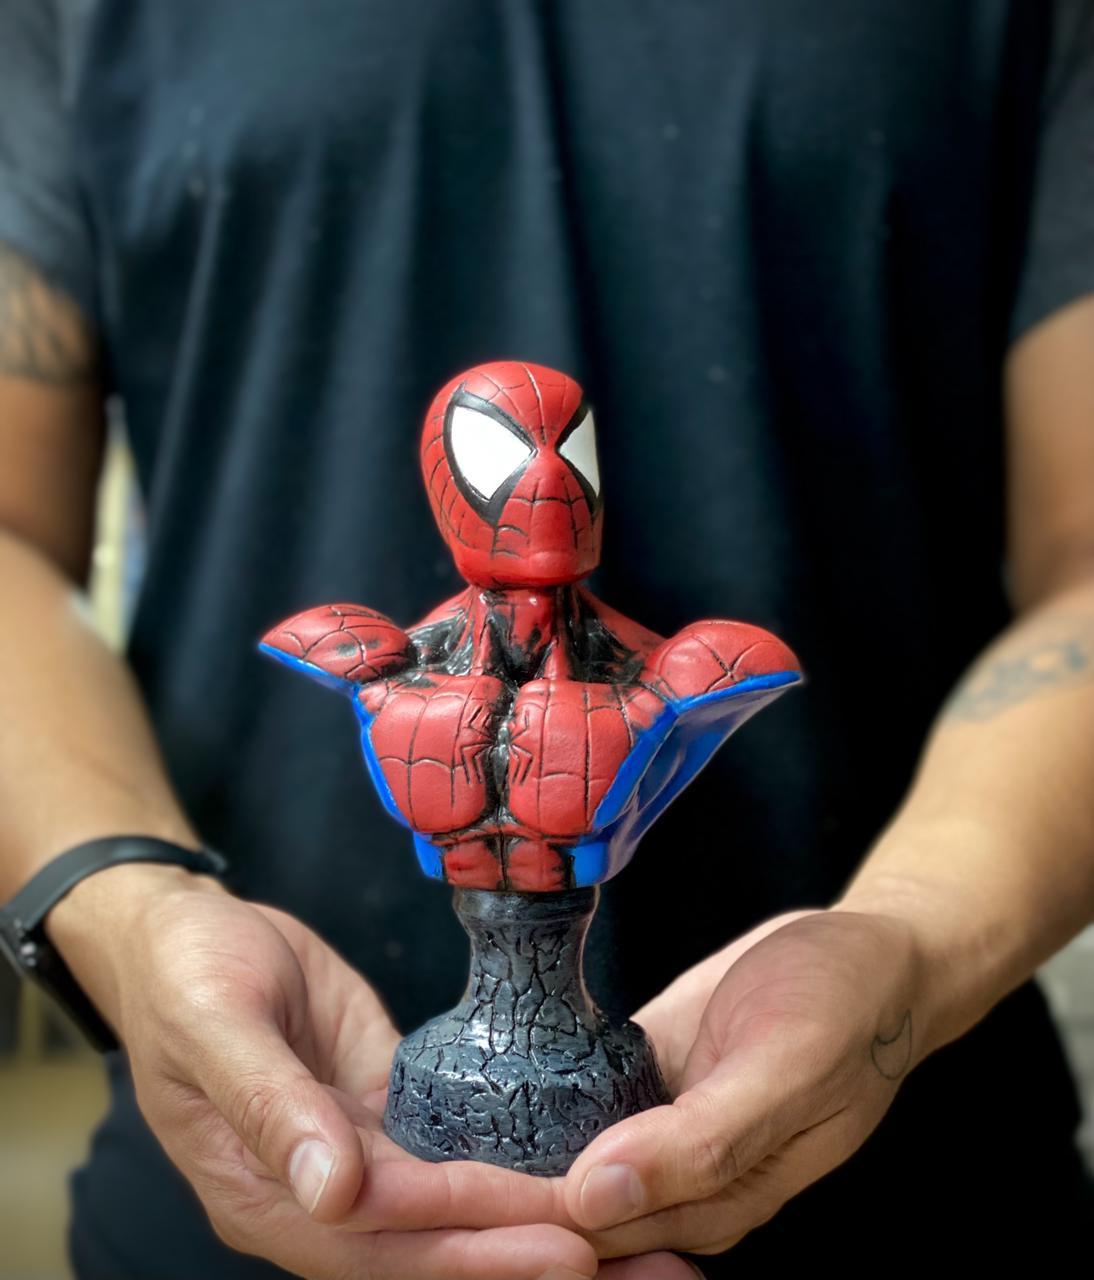 Estátua Busto Homem - Aranha Spider-Man: O Espetacular Homem-Aranha The Amazing Spider-Man - Marvel